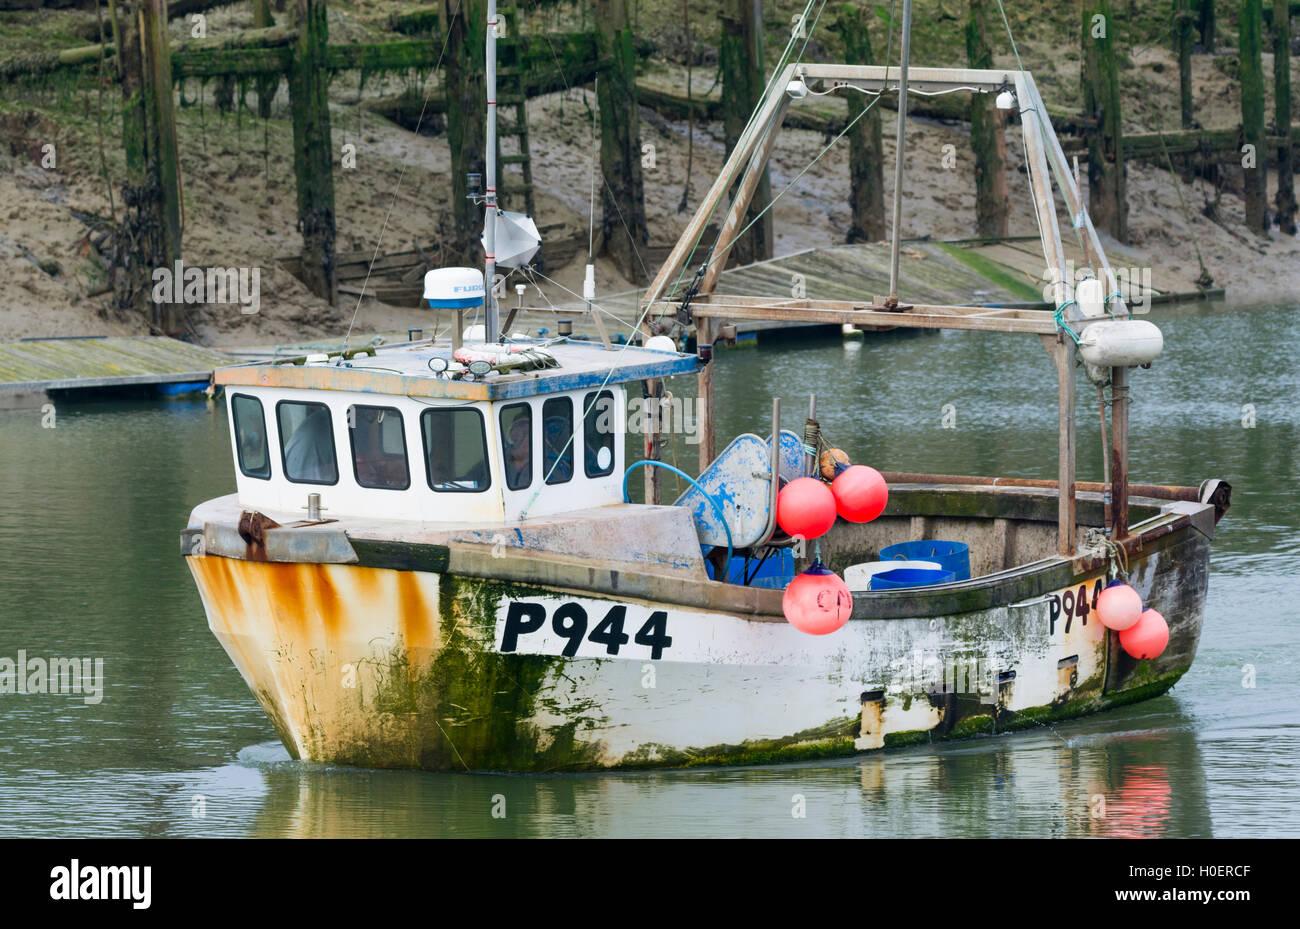 Rusty ancien bateau de pêche sur l'estuaire d'un fleuve. Photo Stock